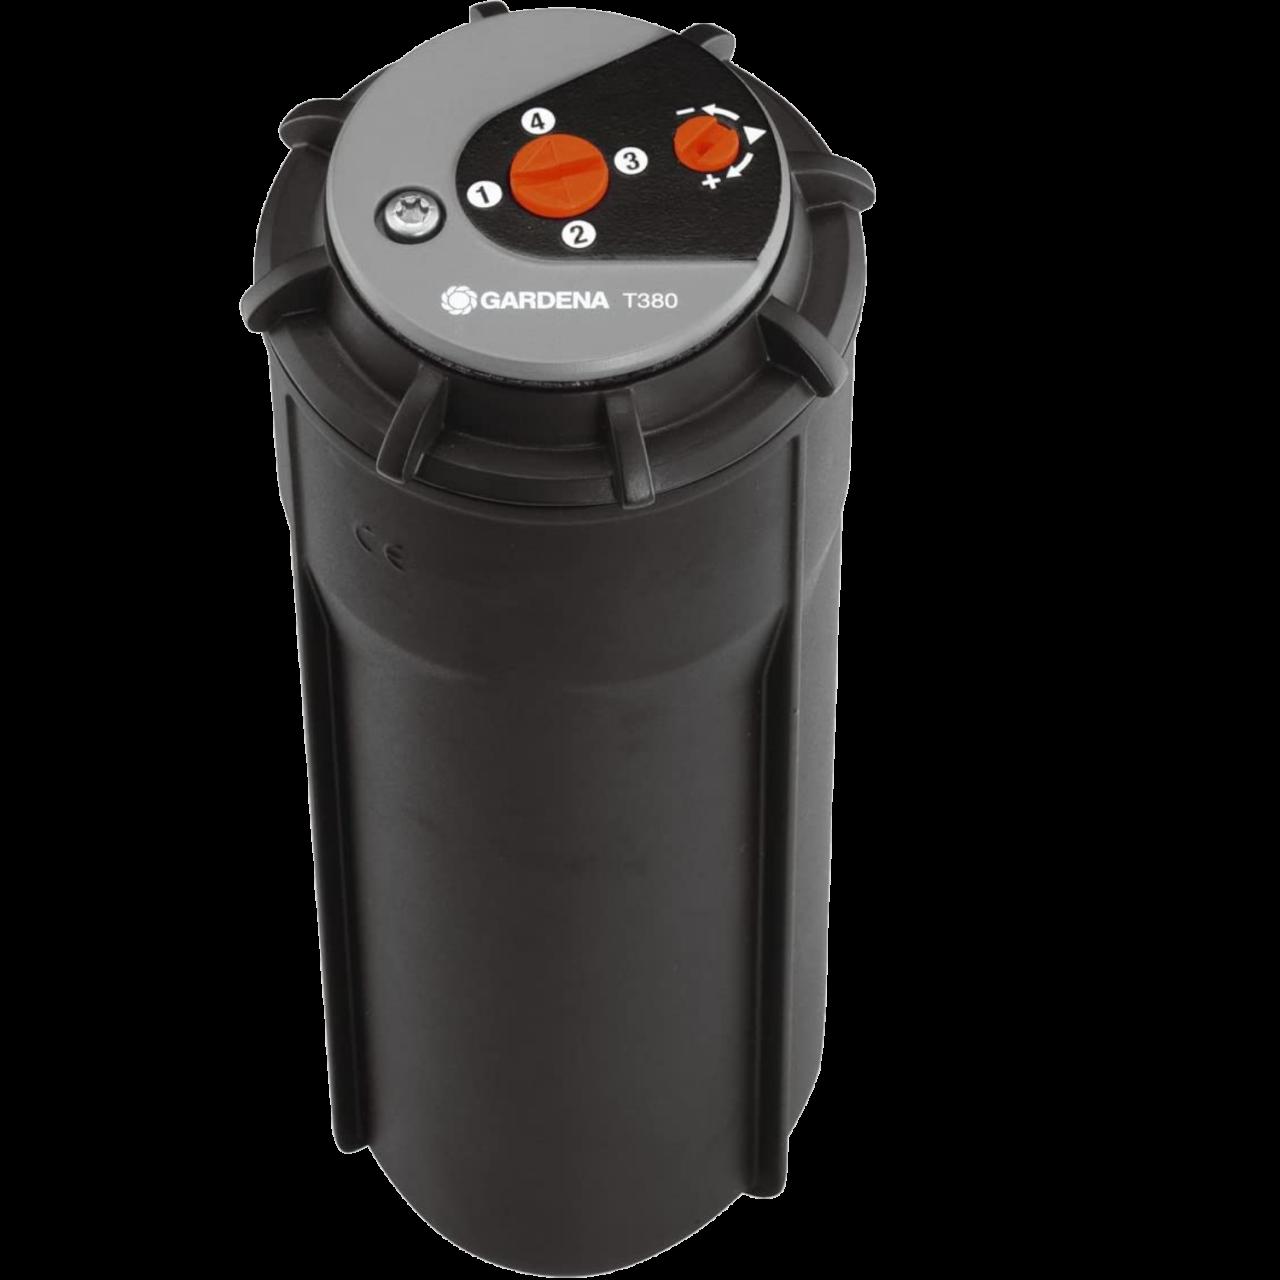 Gardena 8205-29 Sprinklersystem Turbinen-Versenkregner T 380